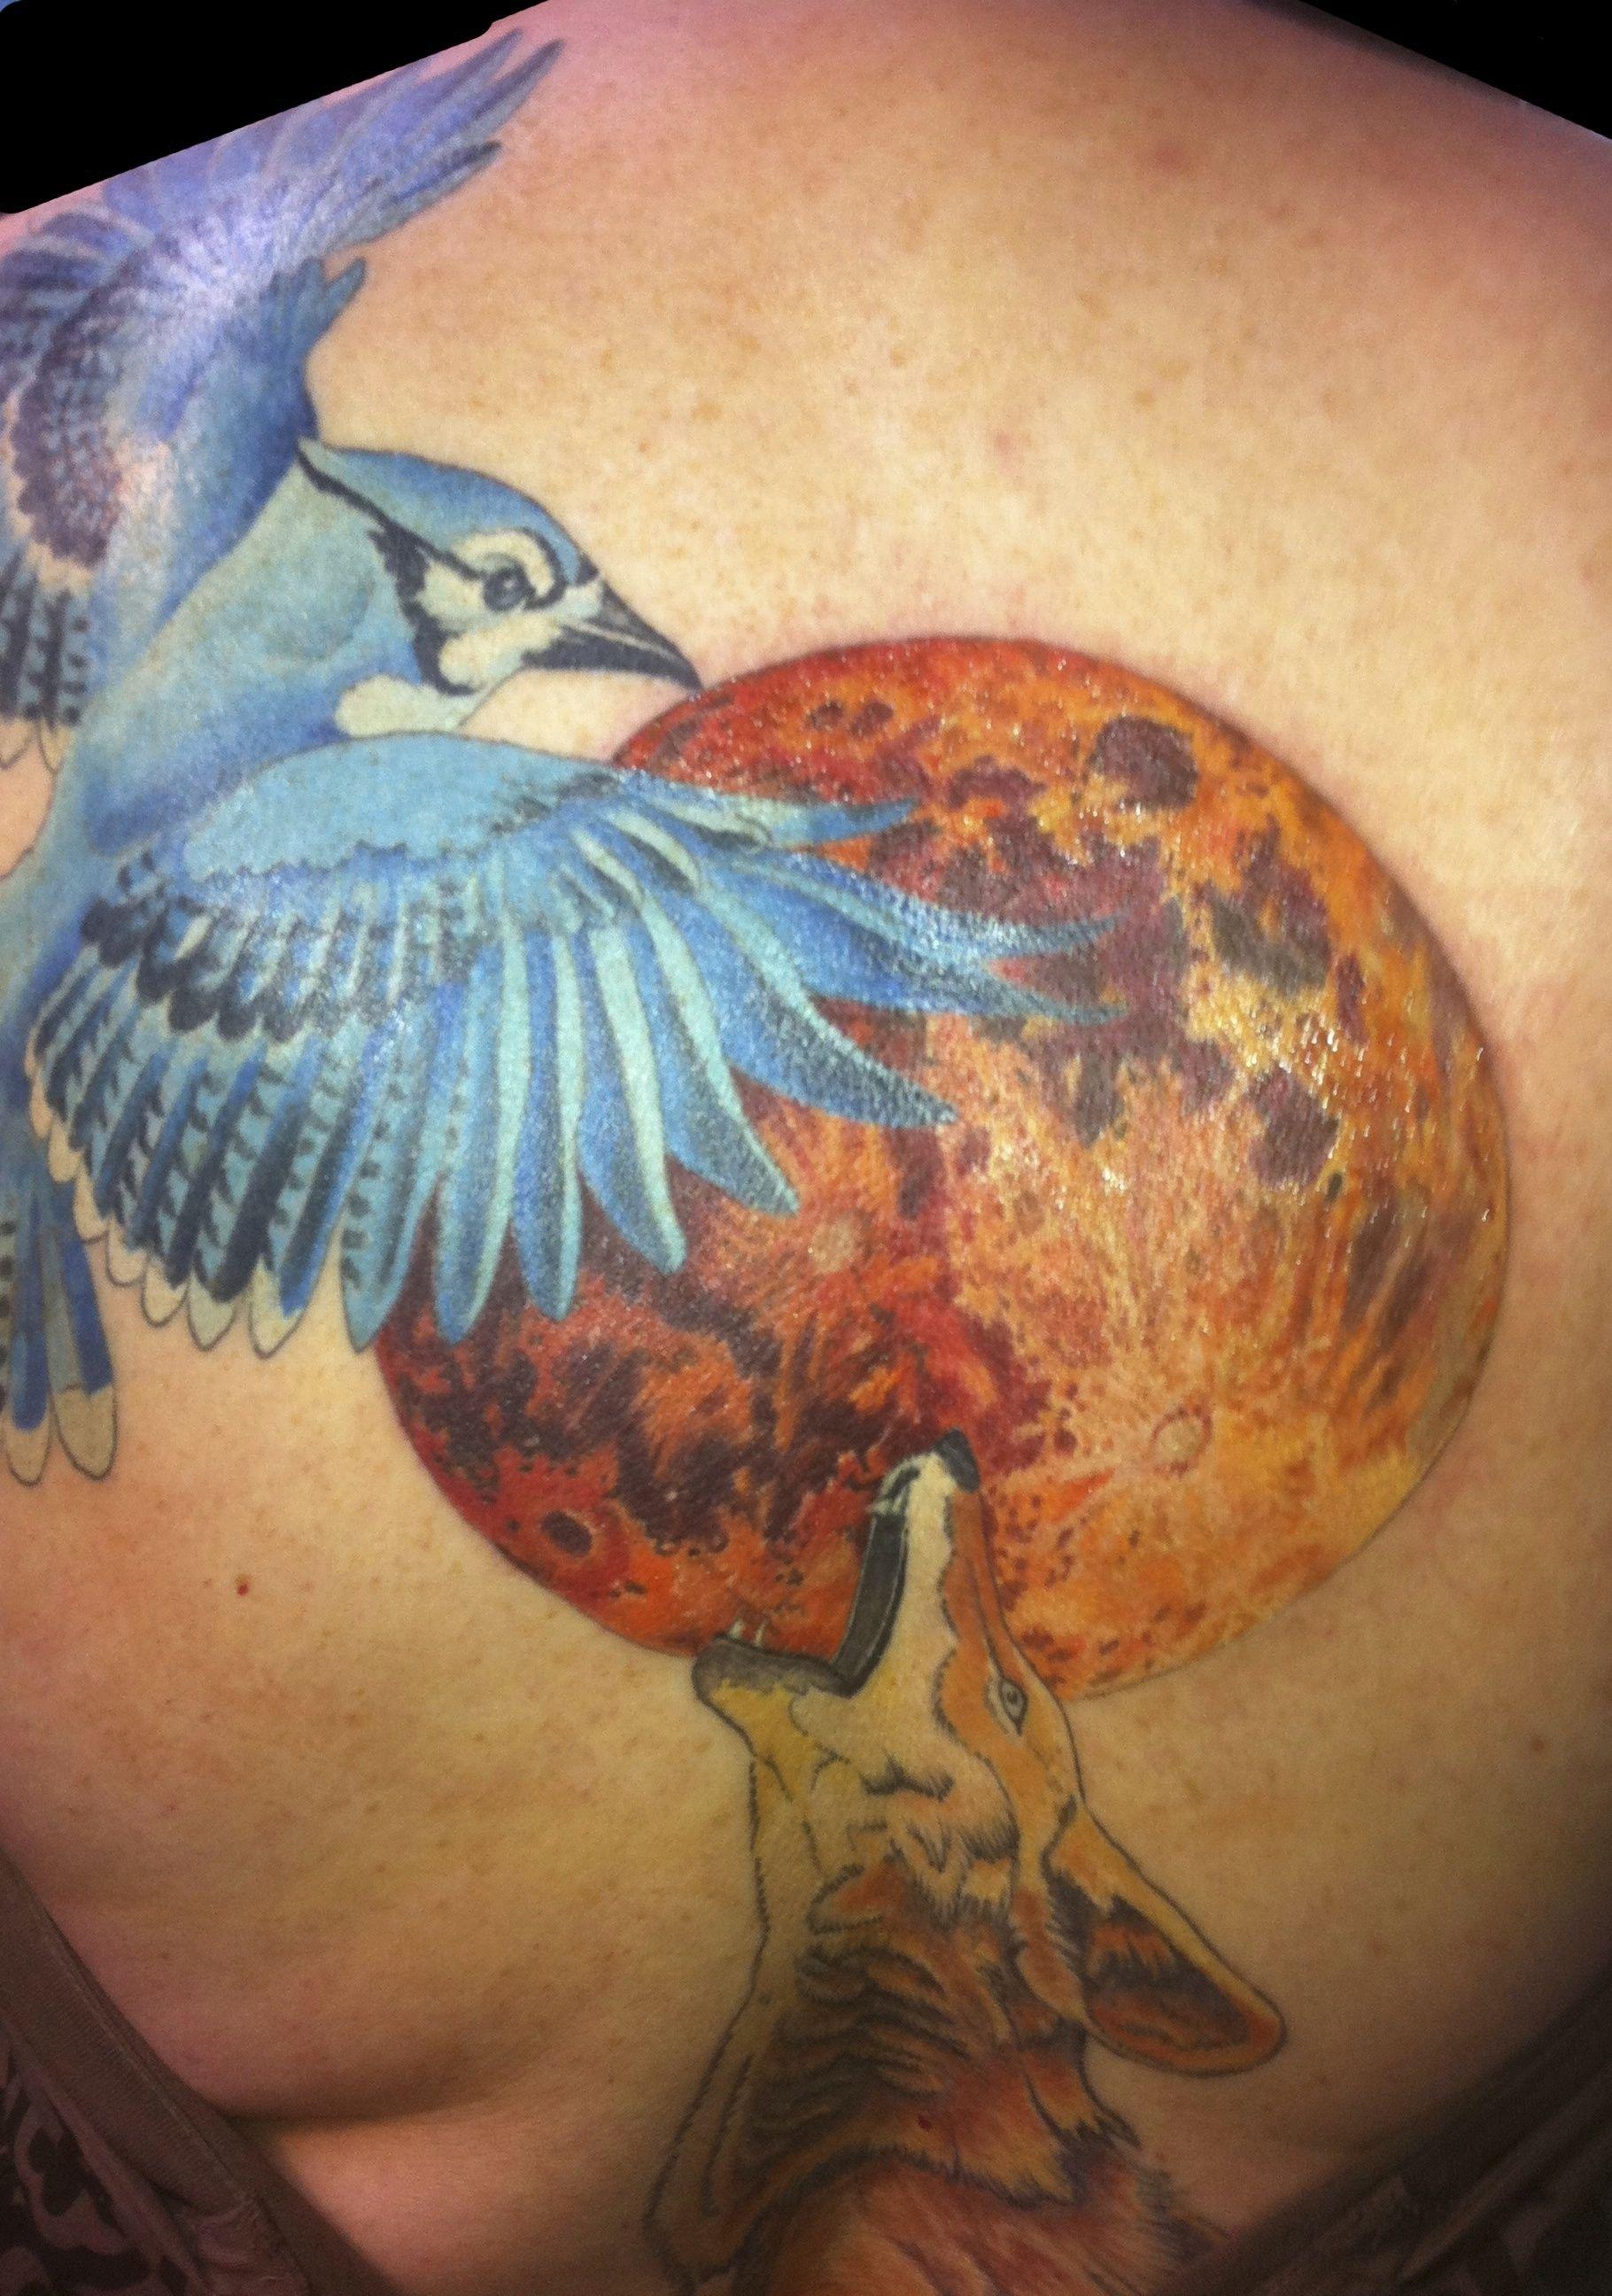 Austin Watercolor Tattoo: #tattoo #austin #texas #hubtattoo #michael-norris #moon